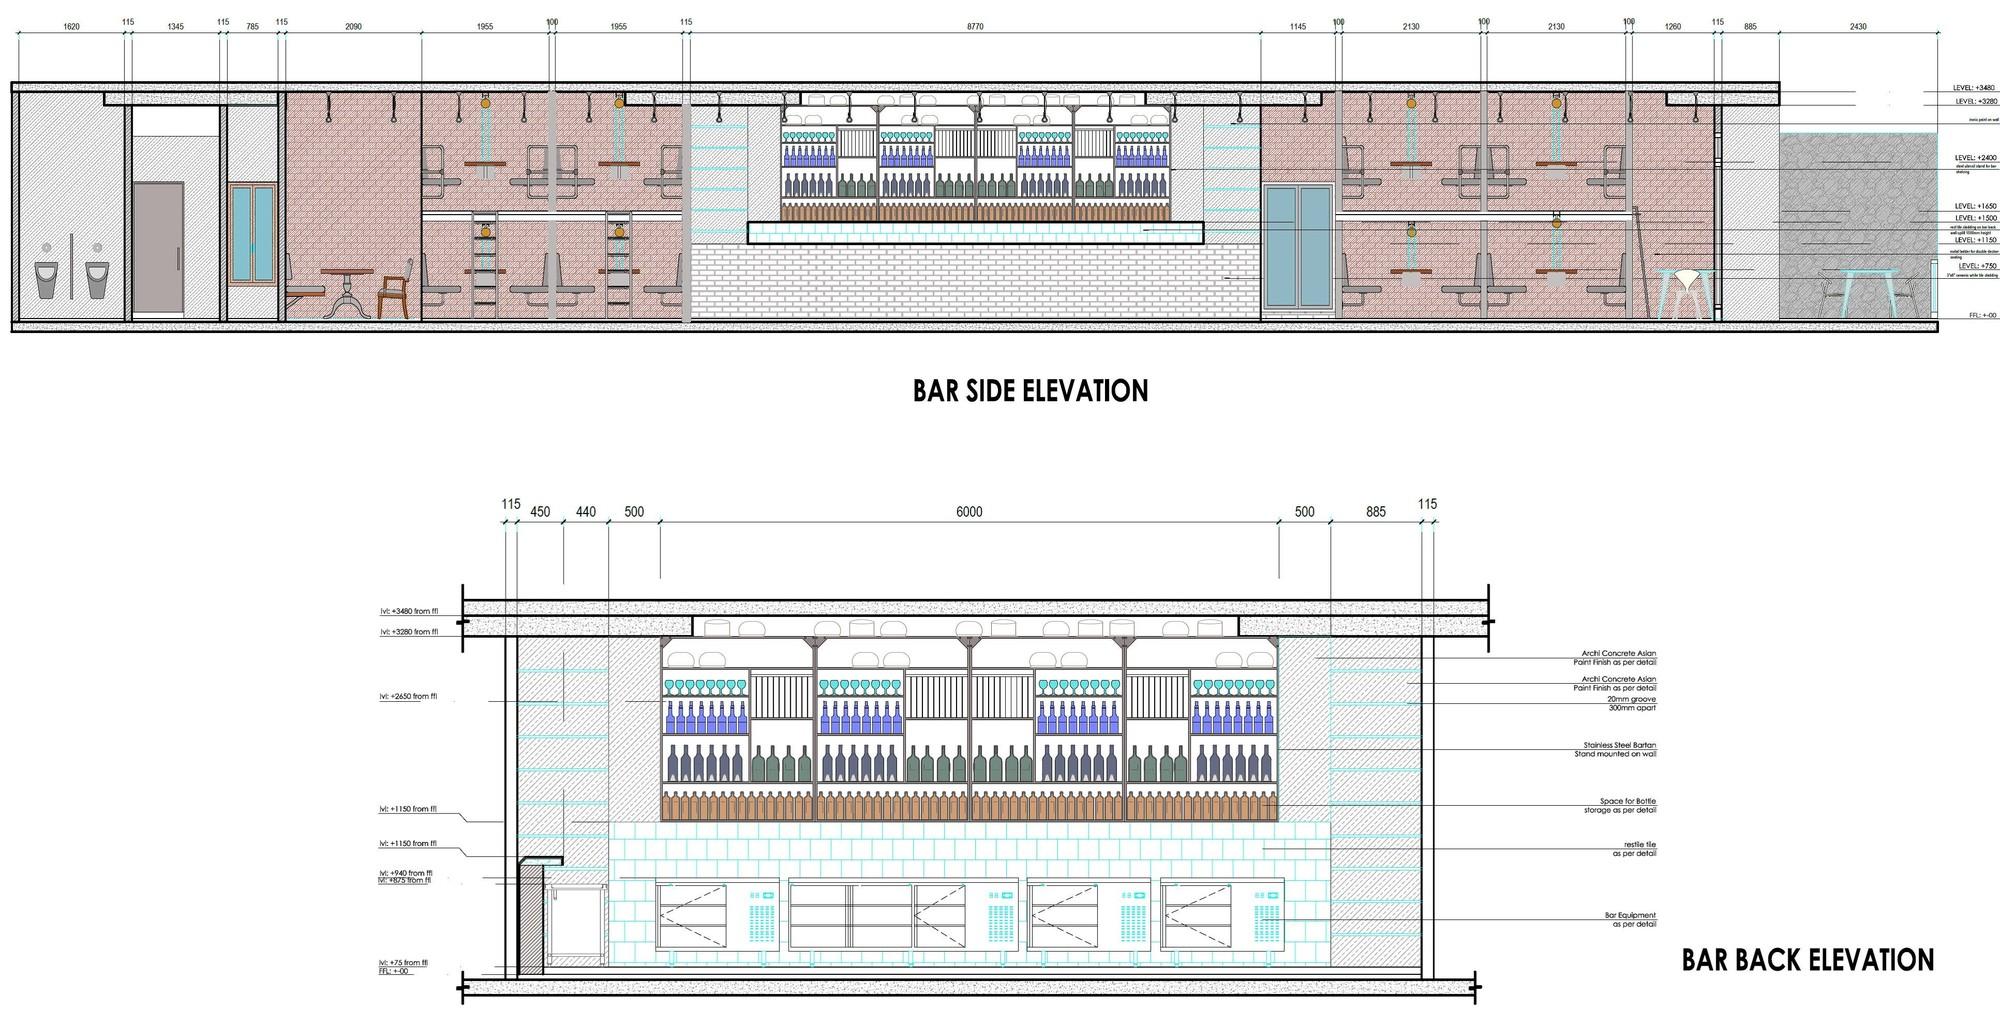 Front Elevation Side Elevation : Gallery of cyber hub social chromed design studio